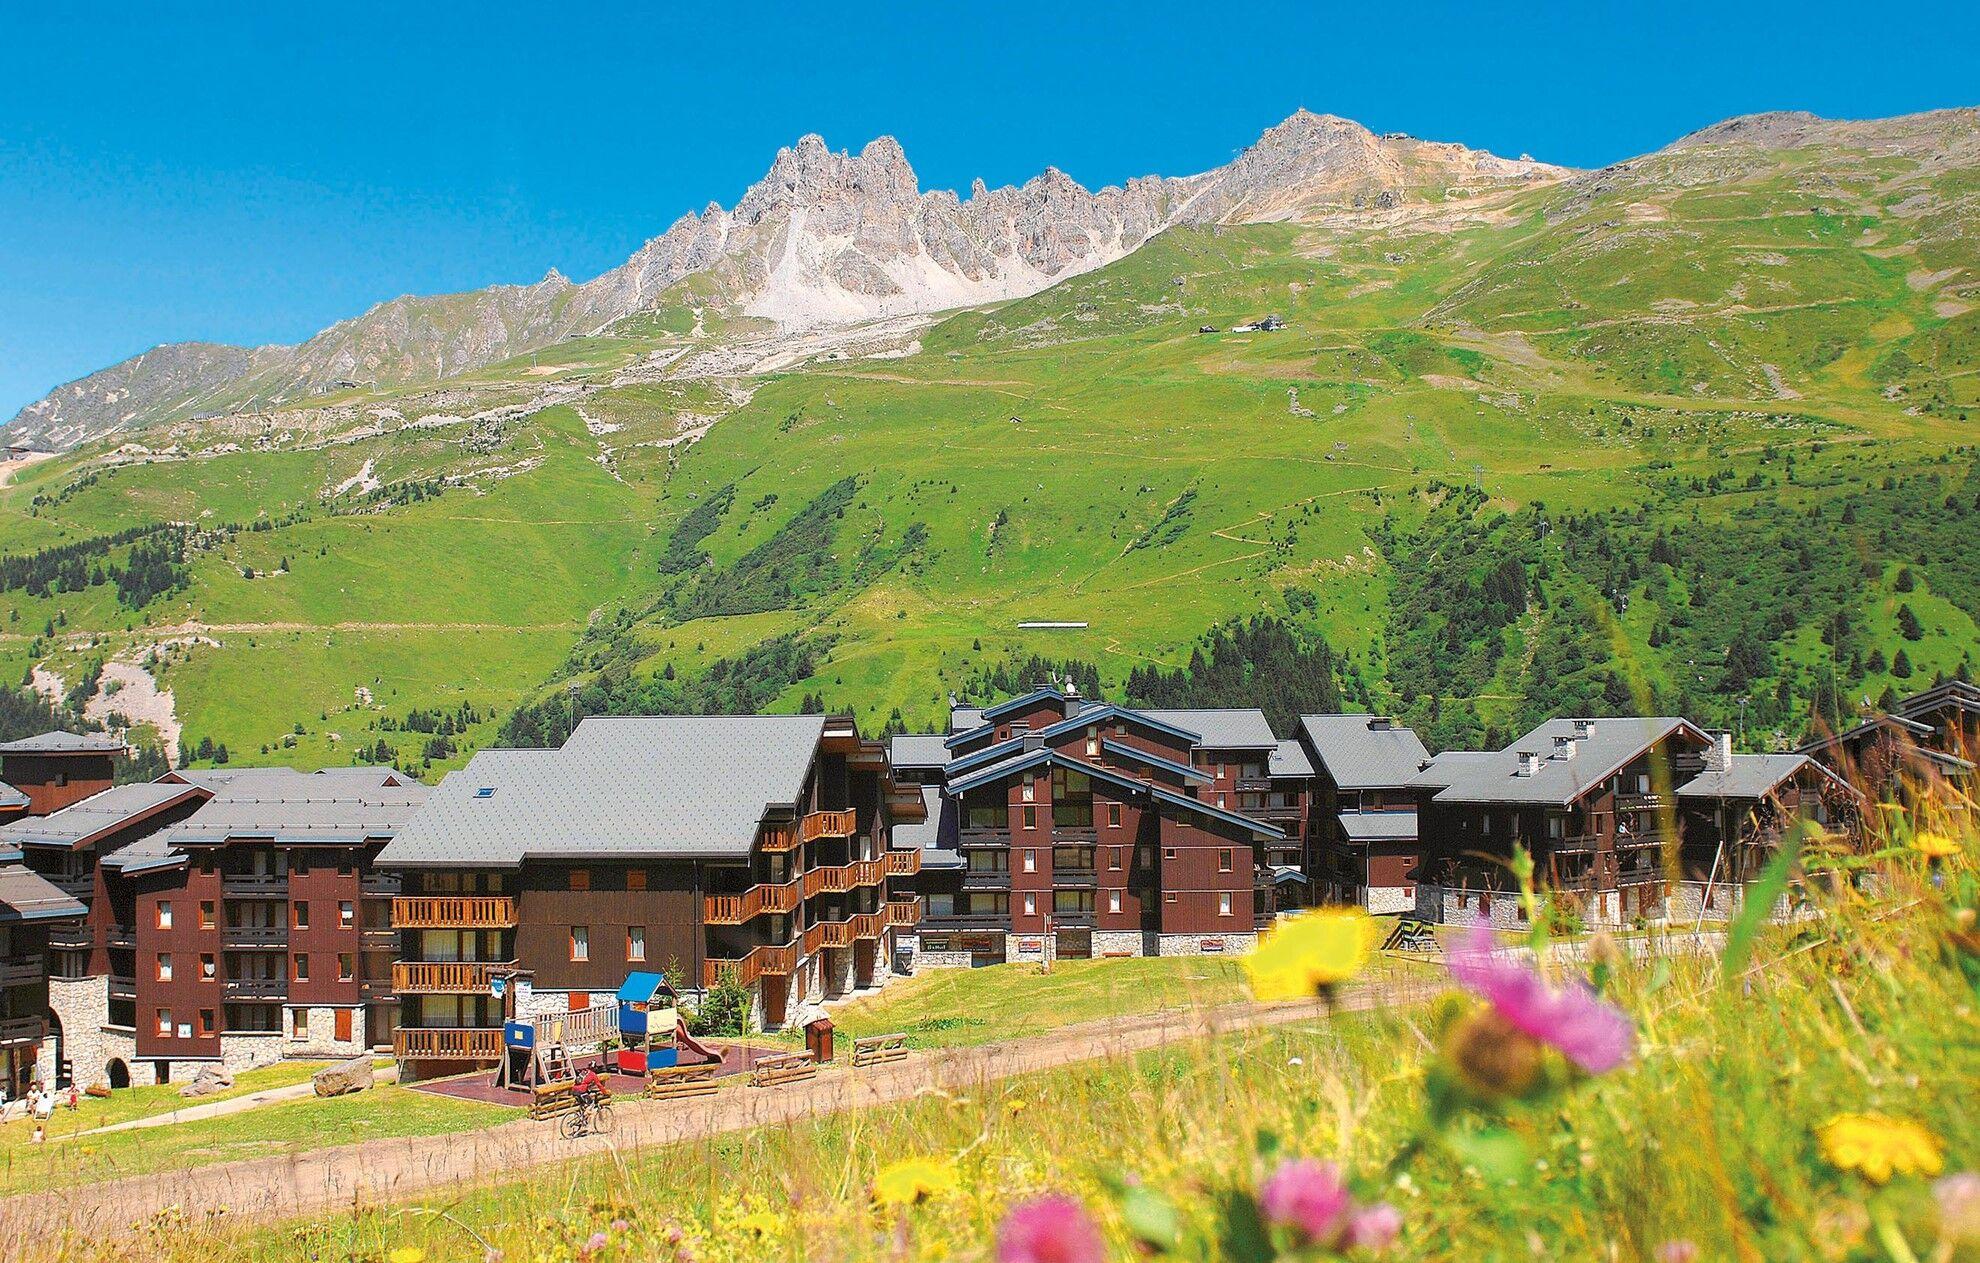 MéRIBEL Odalys Vacances ski